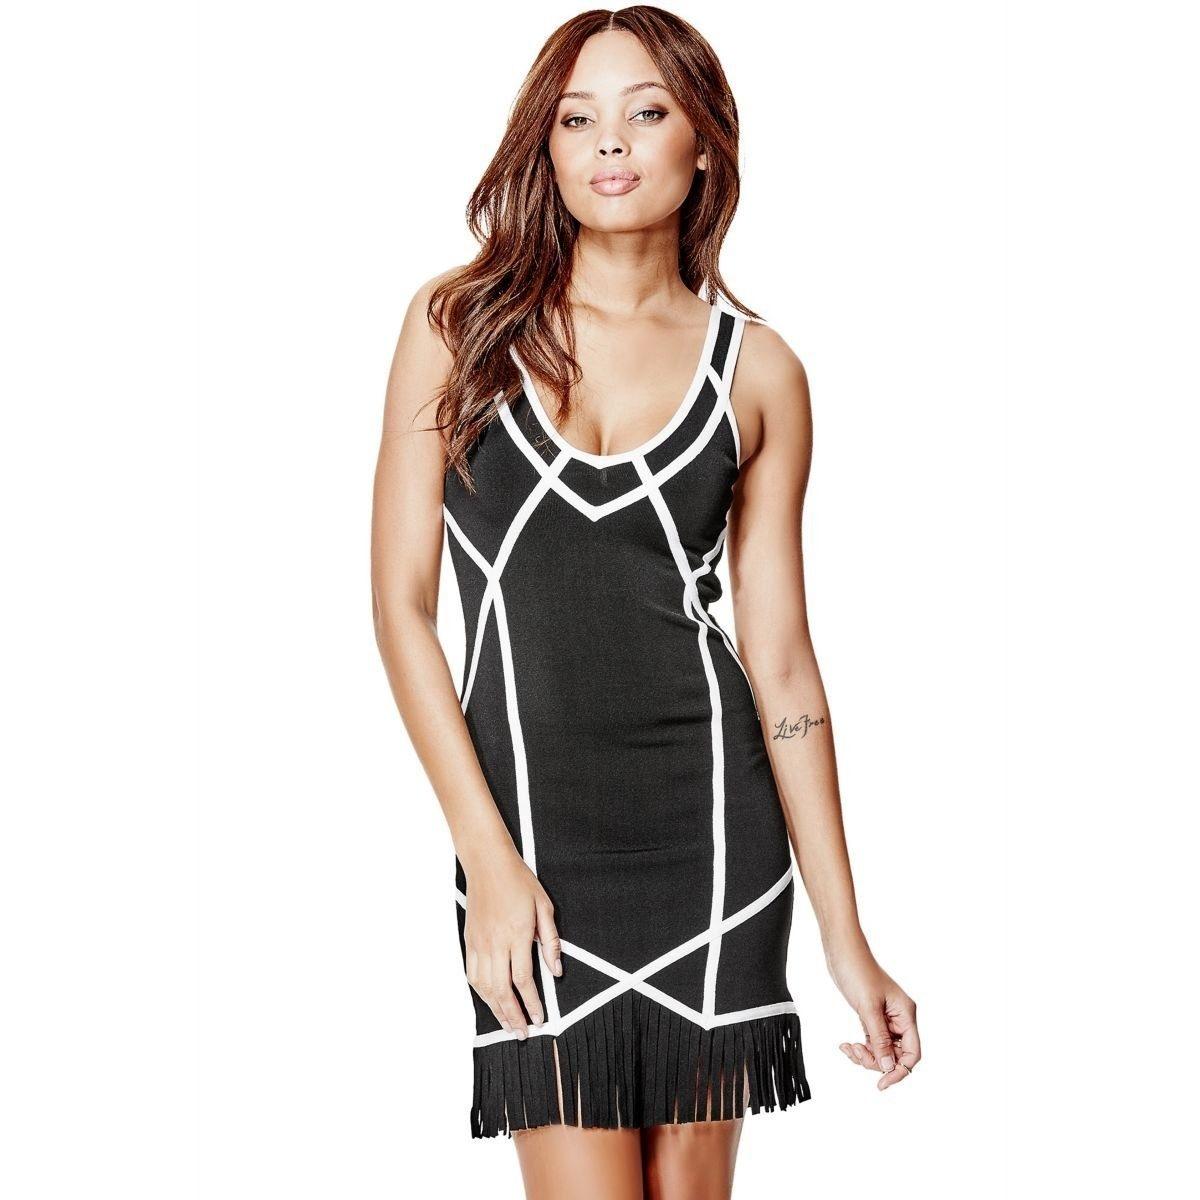 17 Genial Damen Kleider Schwarz Spezialgebiet20 Luxurius Damen Kleider Schwarz Boutique